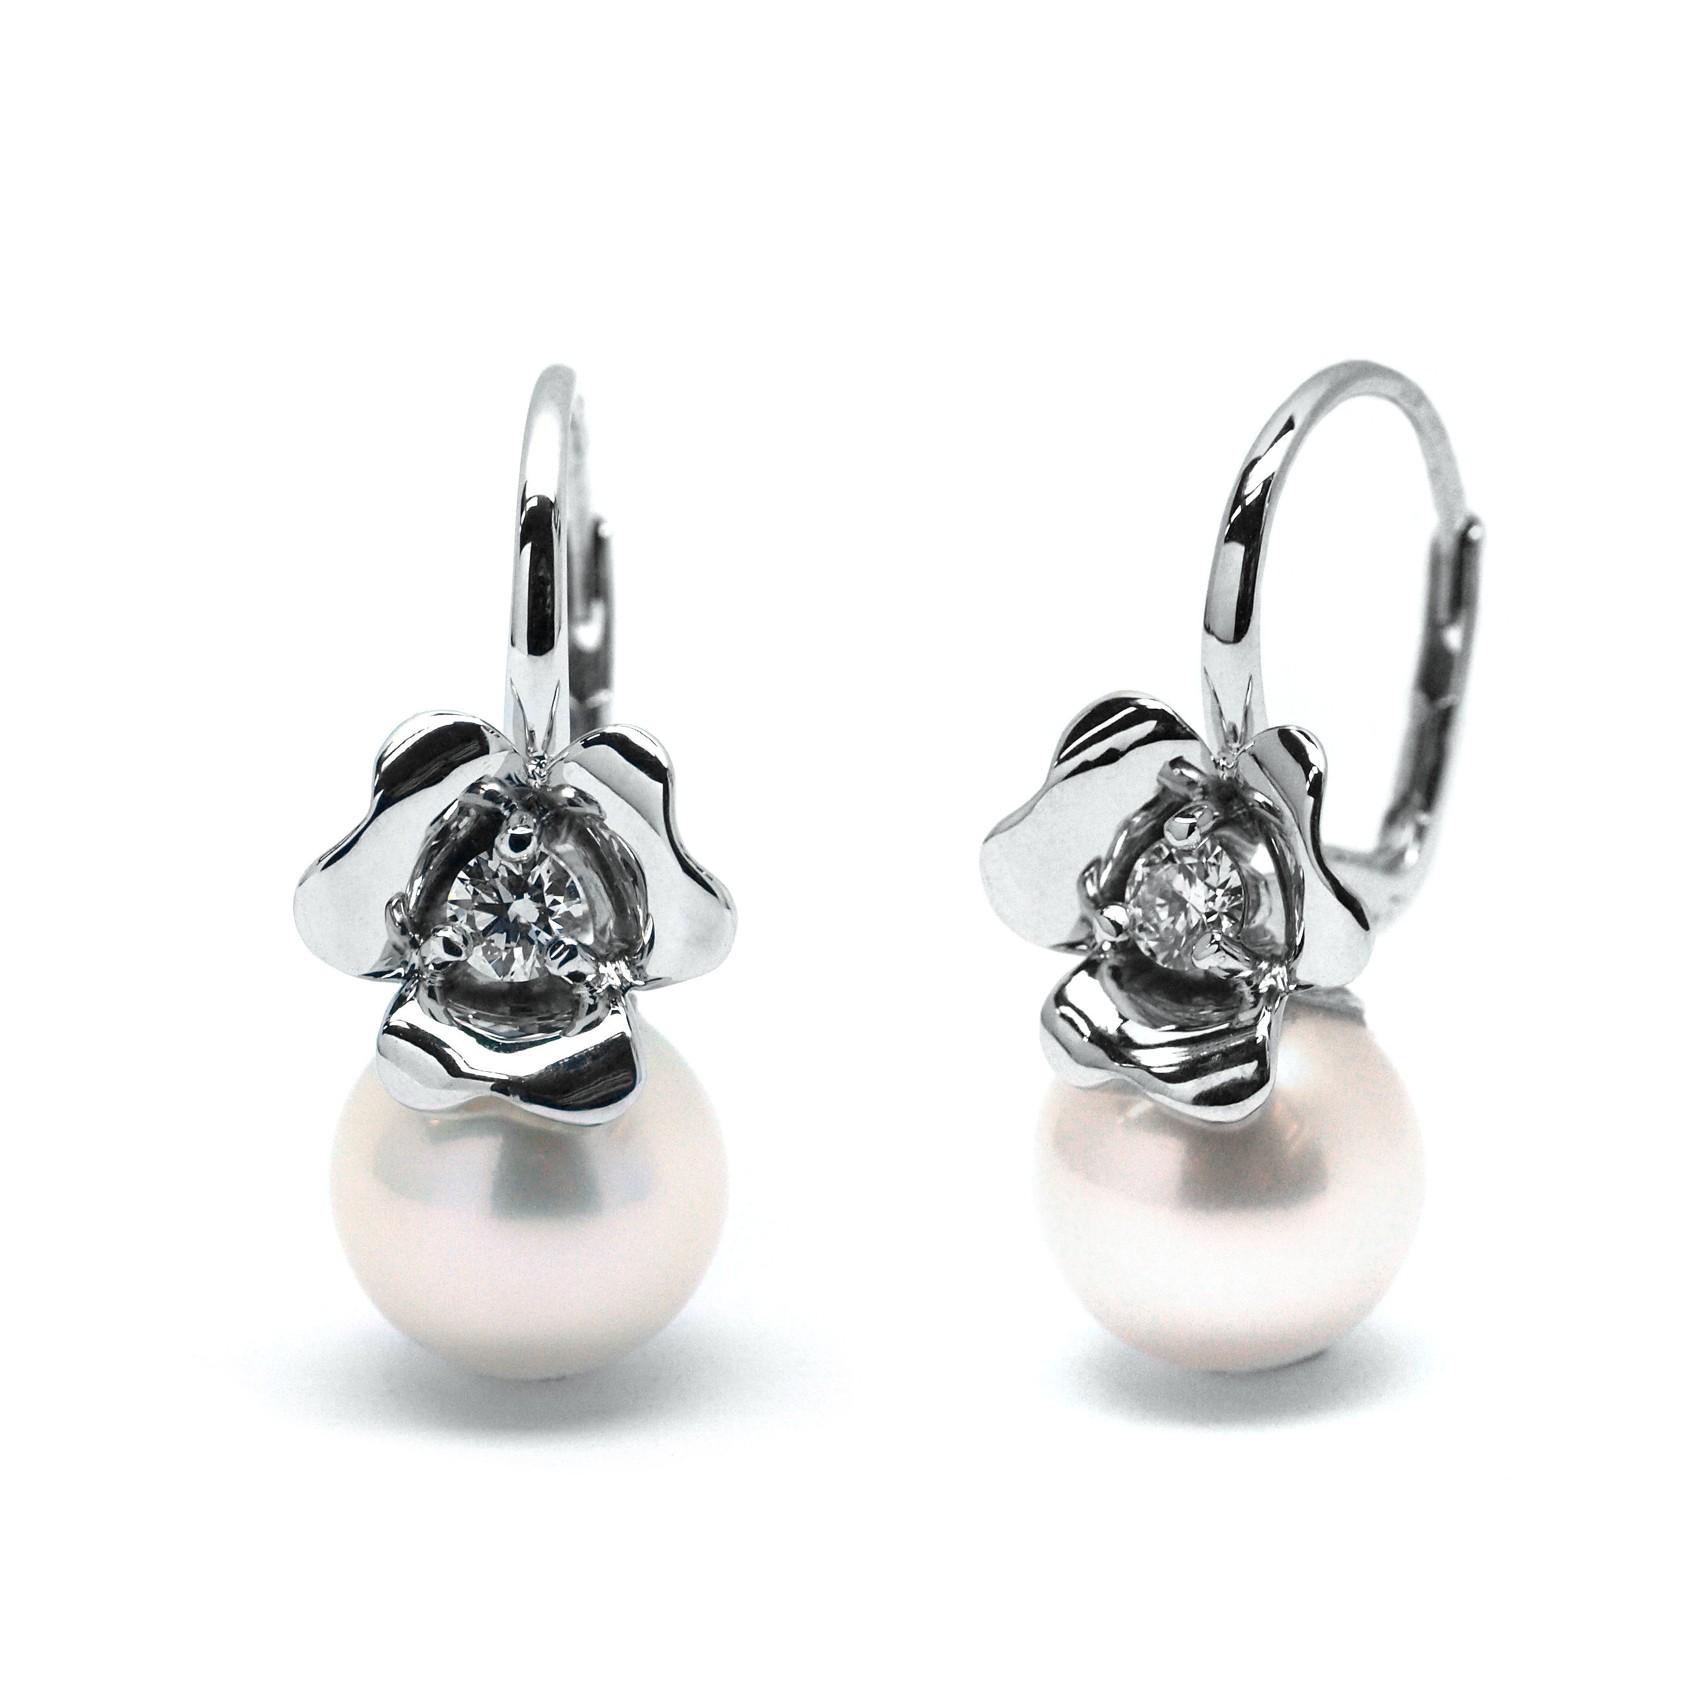 Ručně vyrobené náušnice květ z bílého zlata se sladkovodní perlou J-29813-18 (J-29813-18 - POŠTOVNÉ ZDARMA!!)